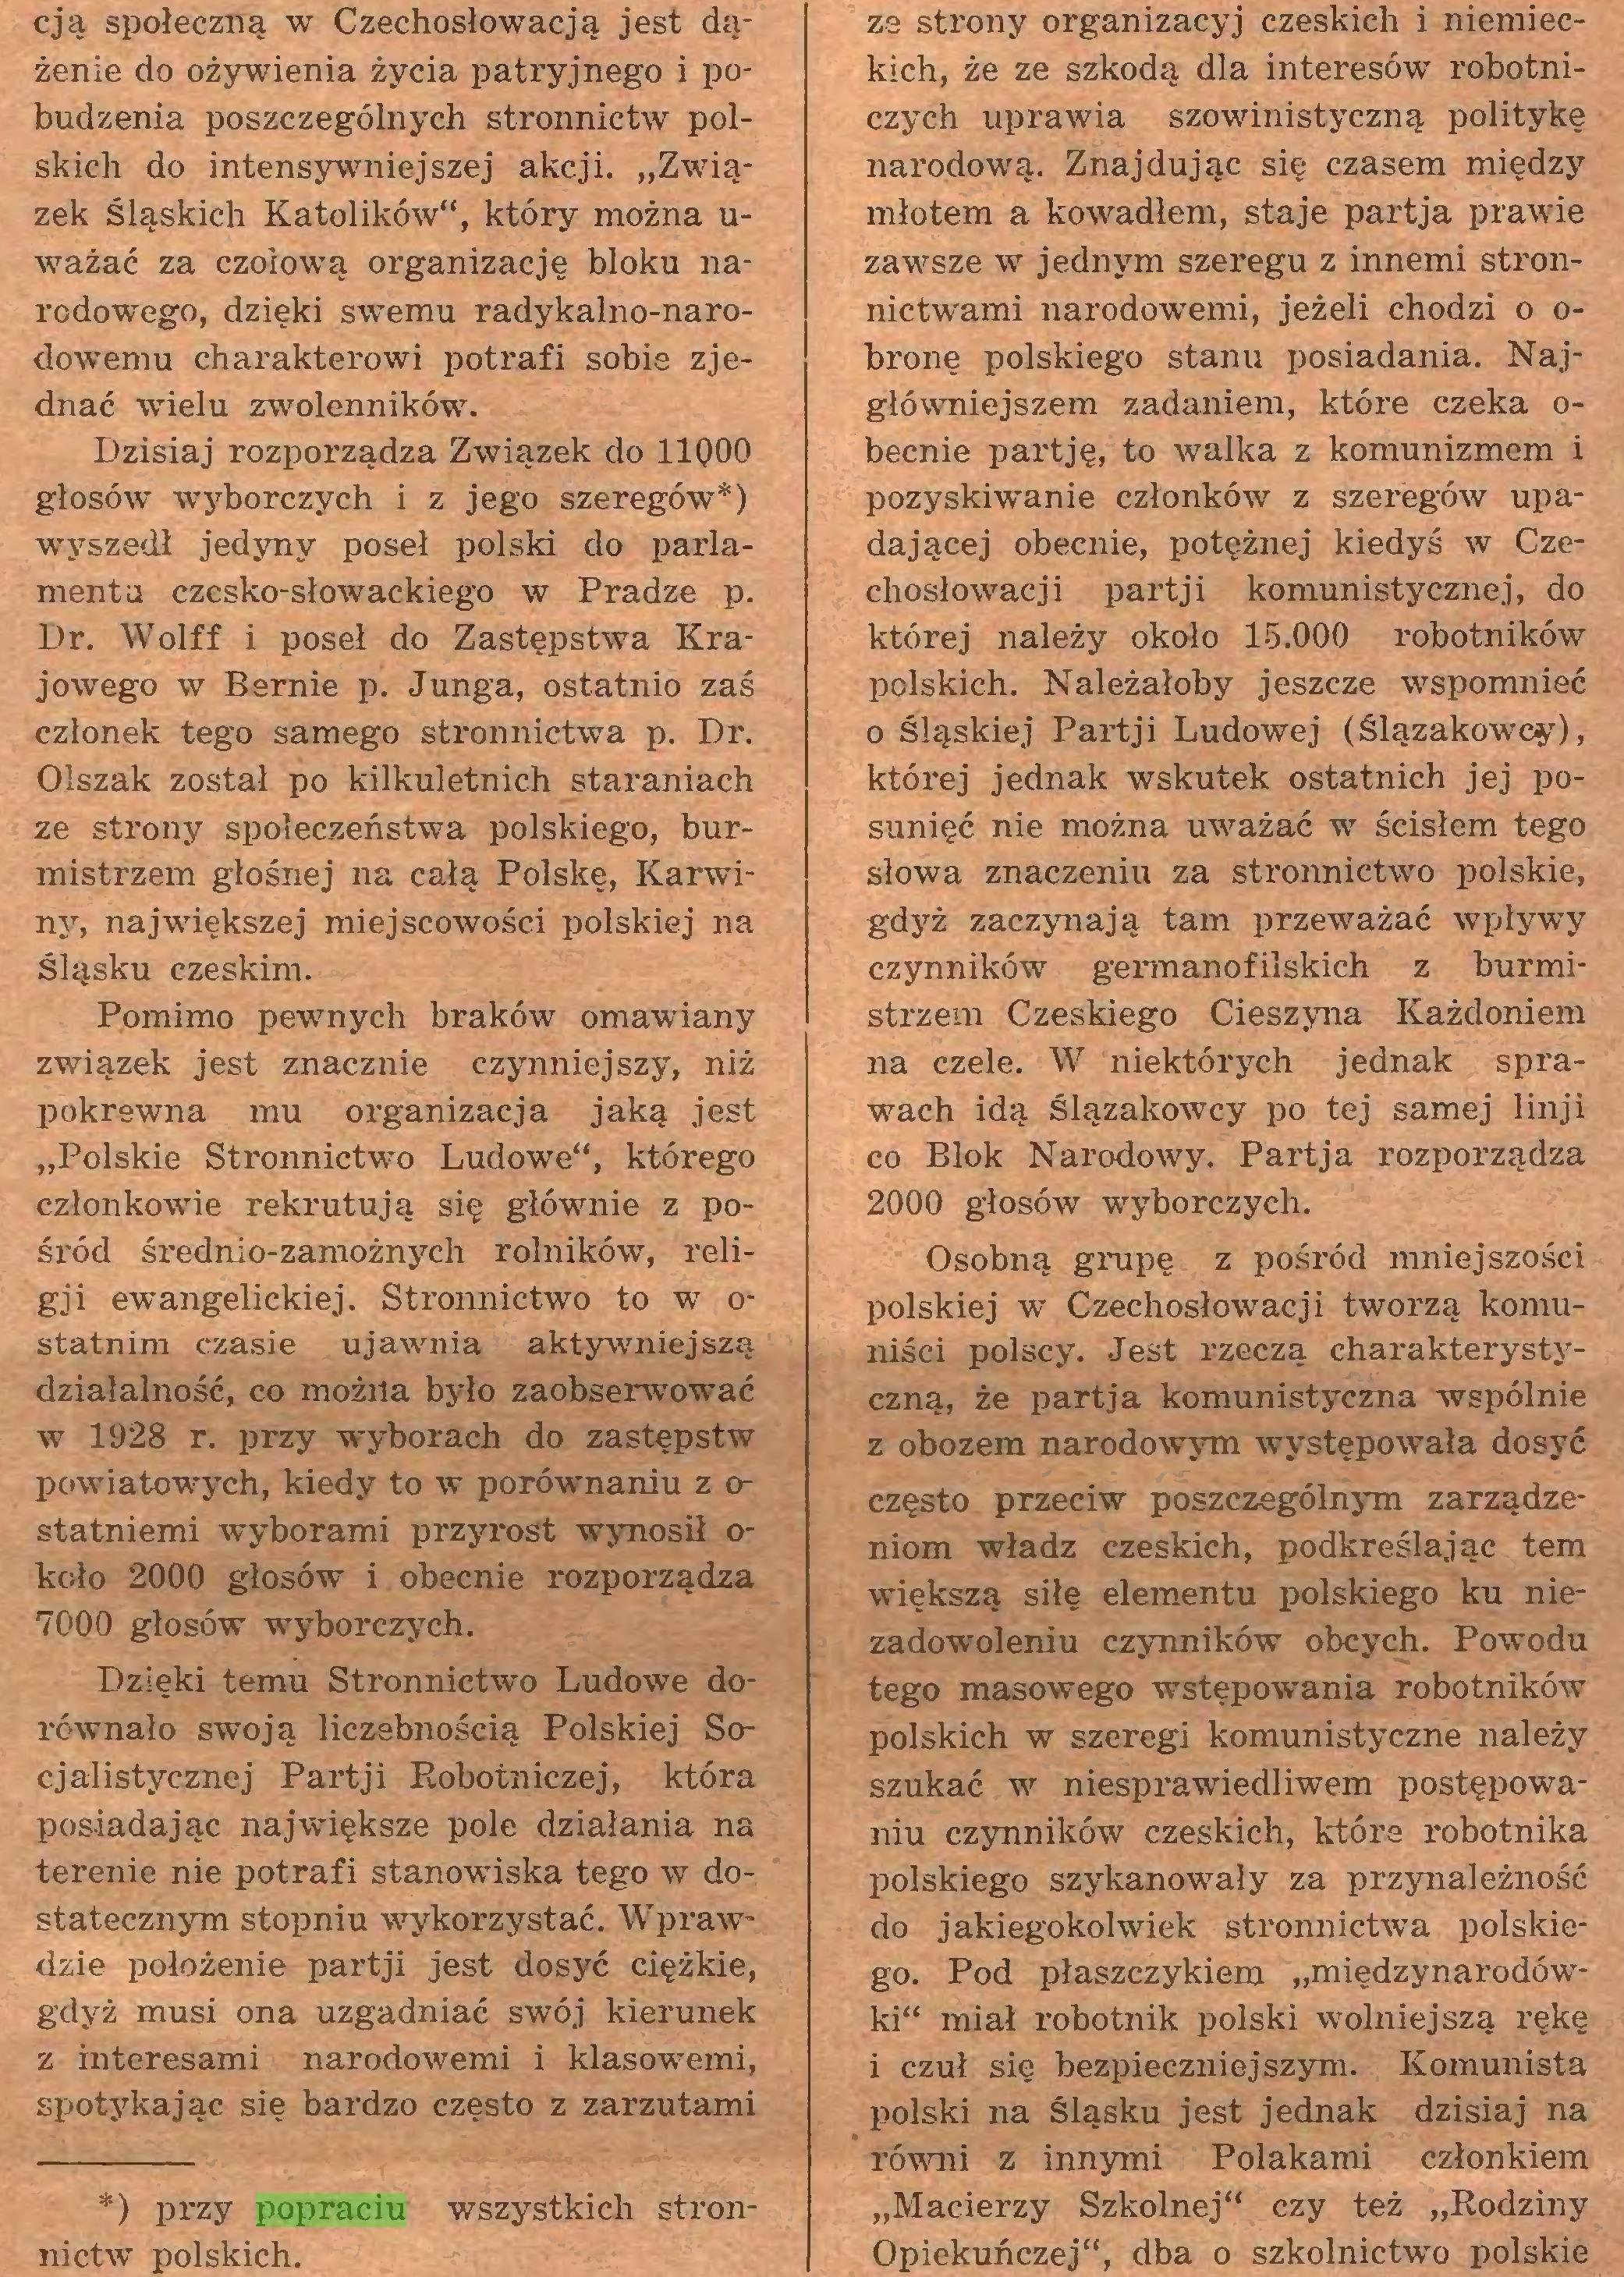 (...) *) przy popraciu wszystkich stronnictw polskich. ze strony organizacyj czeskich i niemieckich, że ze szkodą dla interesów- robotniczych uprawia szowinistyczną politykę narodową. Znajdując się czasem między...